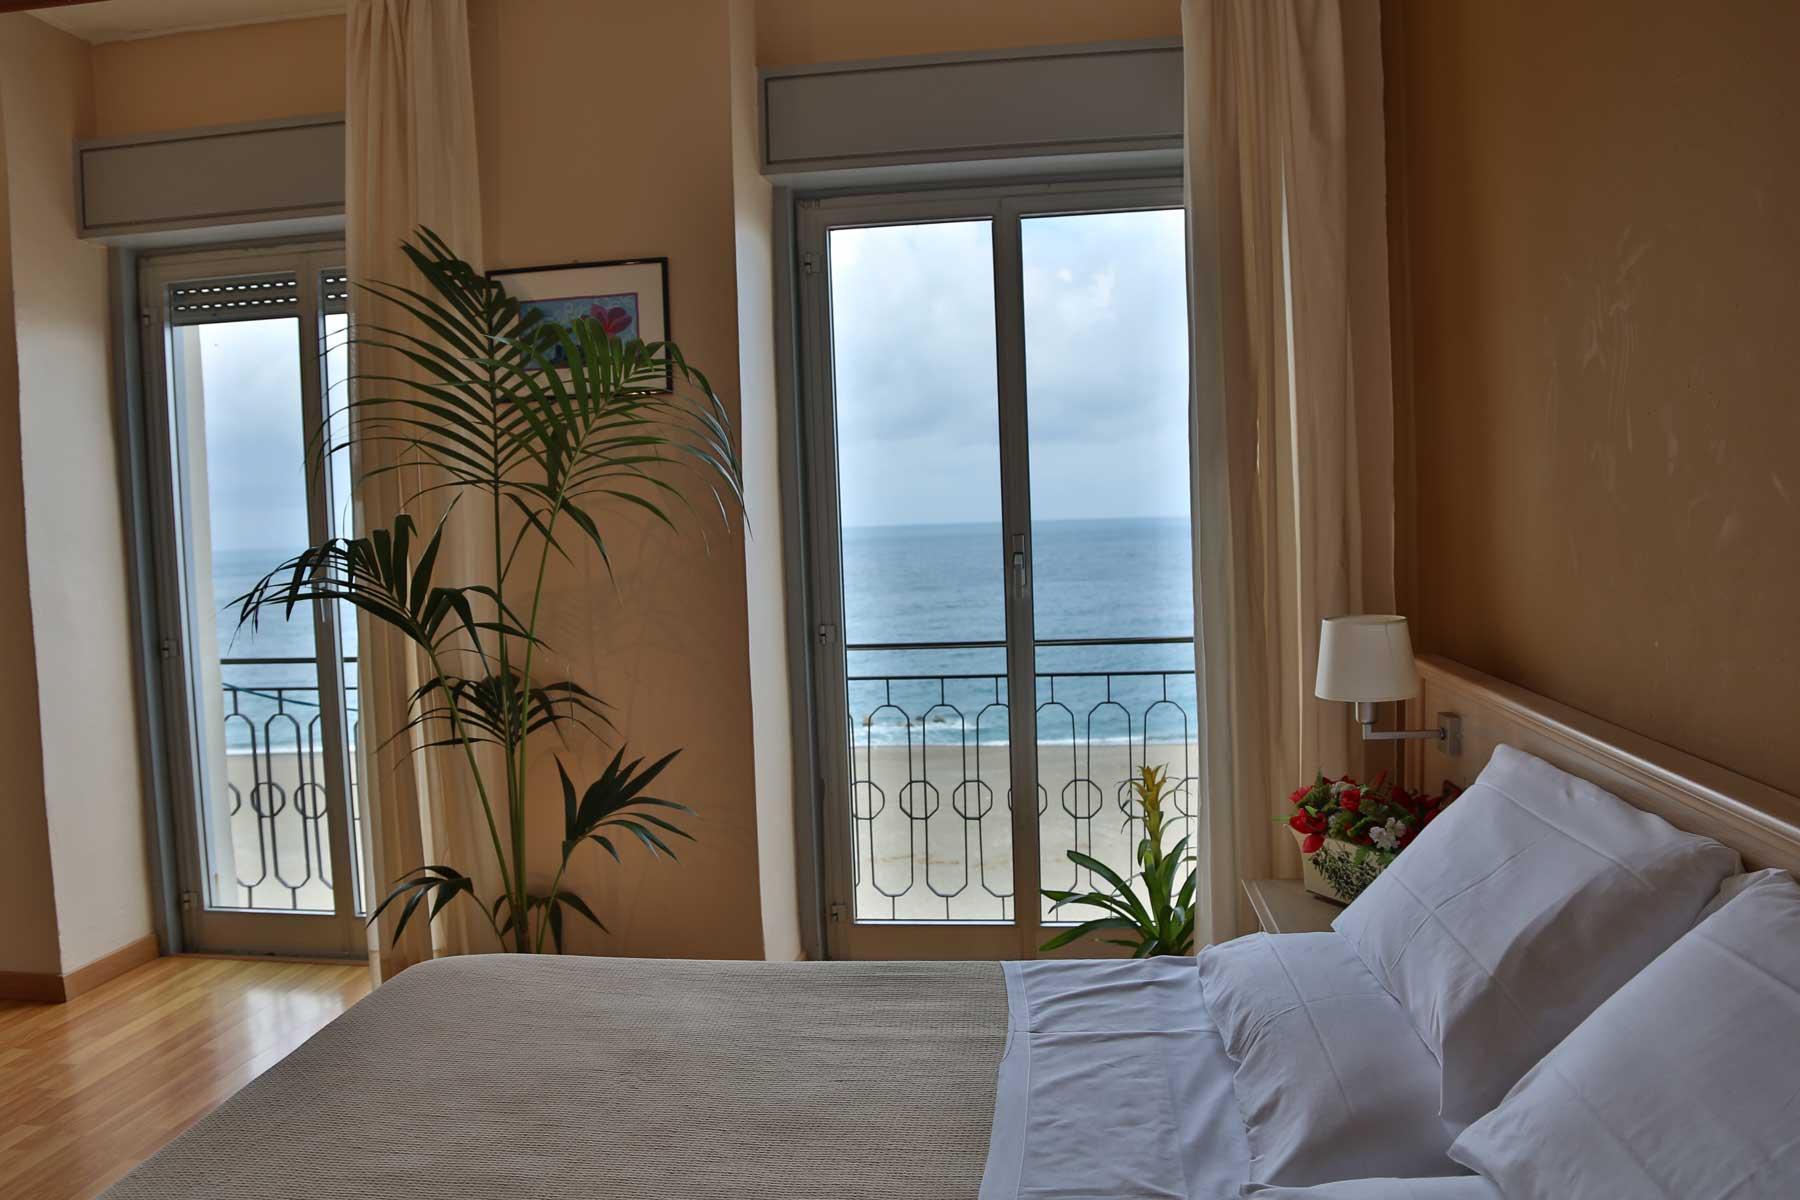 PARK PHILIP HOTEL | Marina di Patti